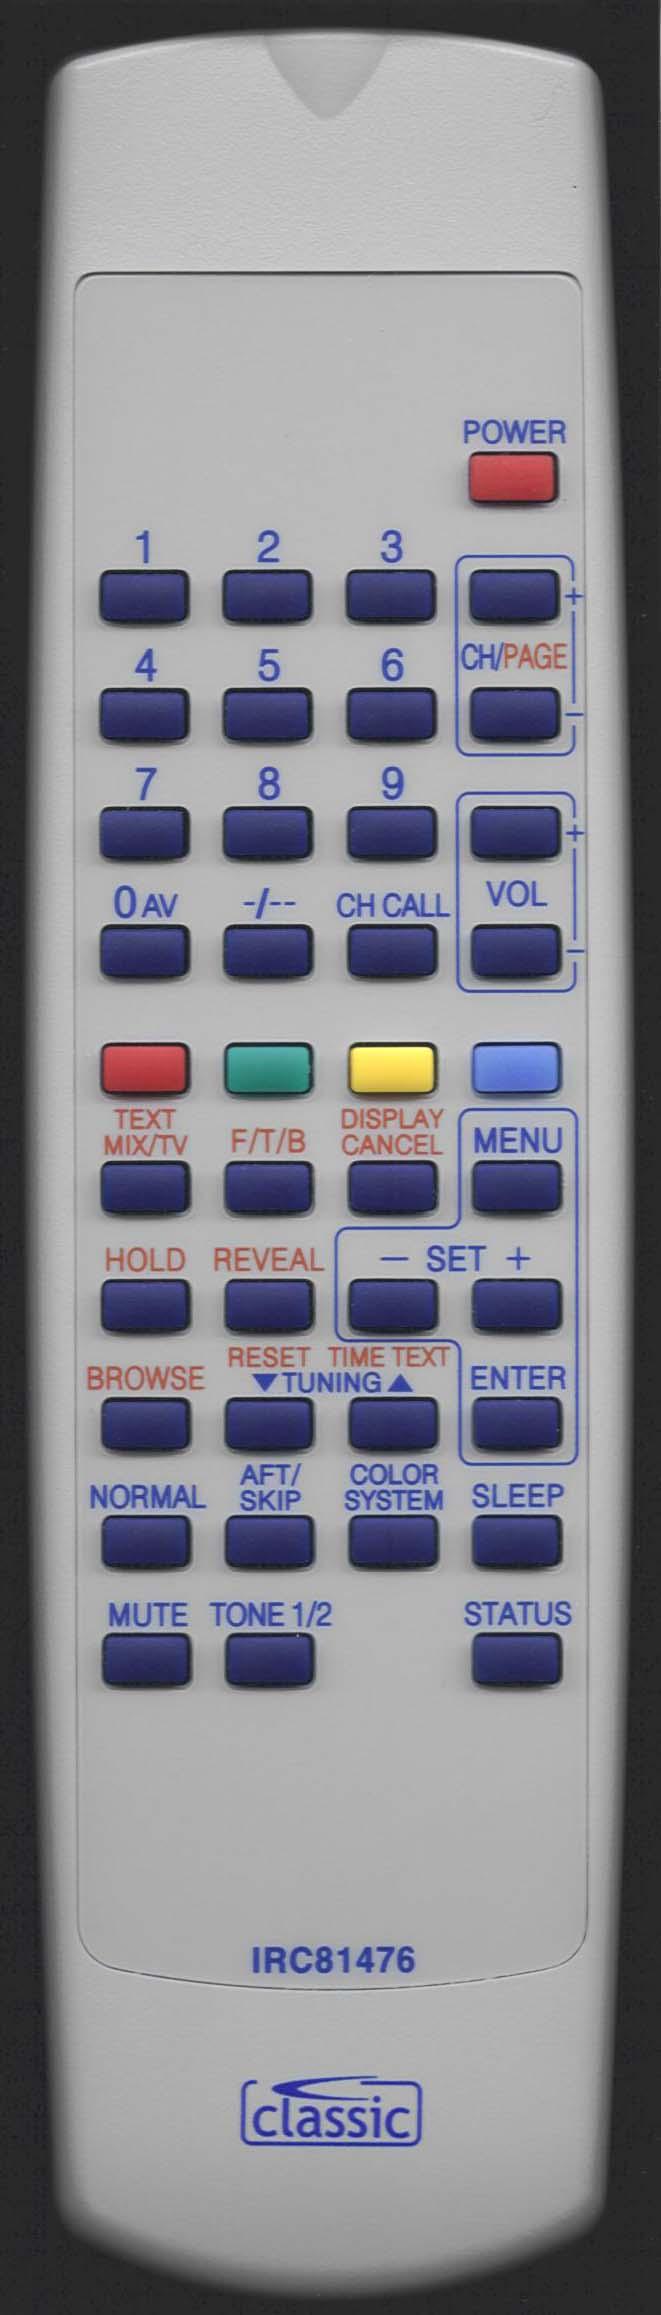 MATSUI 07660BQ010 Remote Control